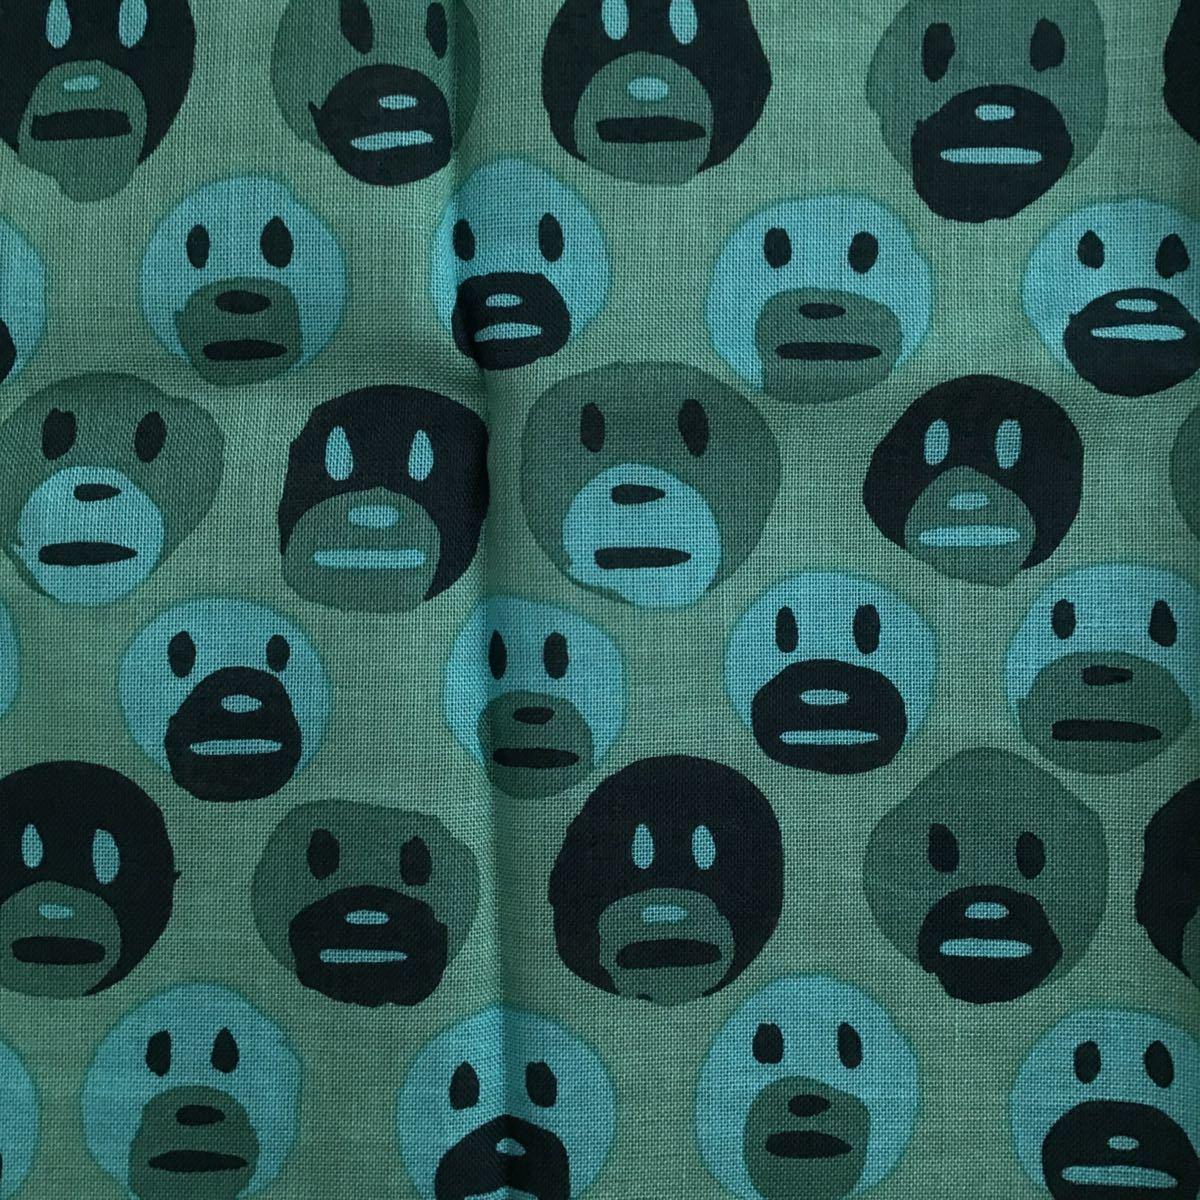 ★新品★ GARY PANTER × BAPE バンダナ a bathing ape bandana ゲイリーパンター エイプ ベイプ アベイシングエイプ ハンカチ nigo